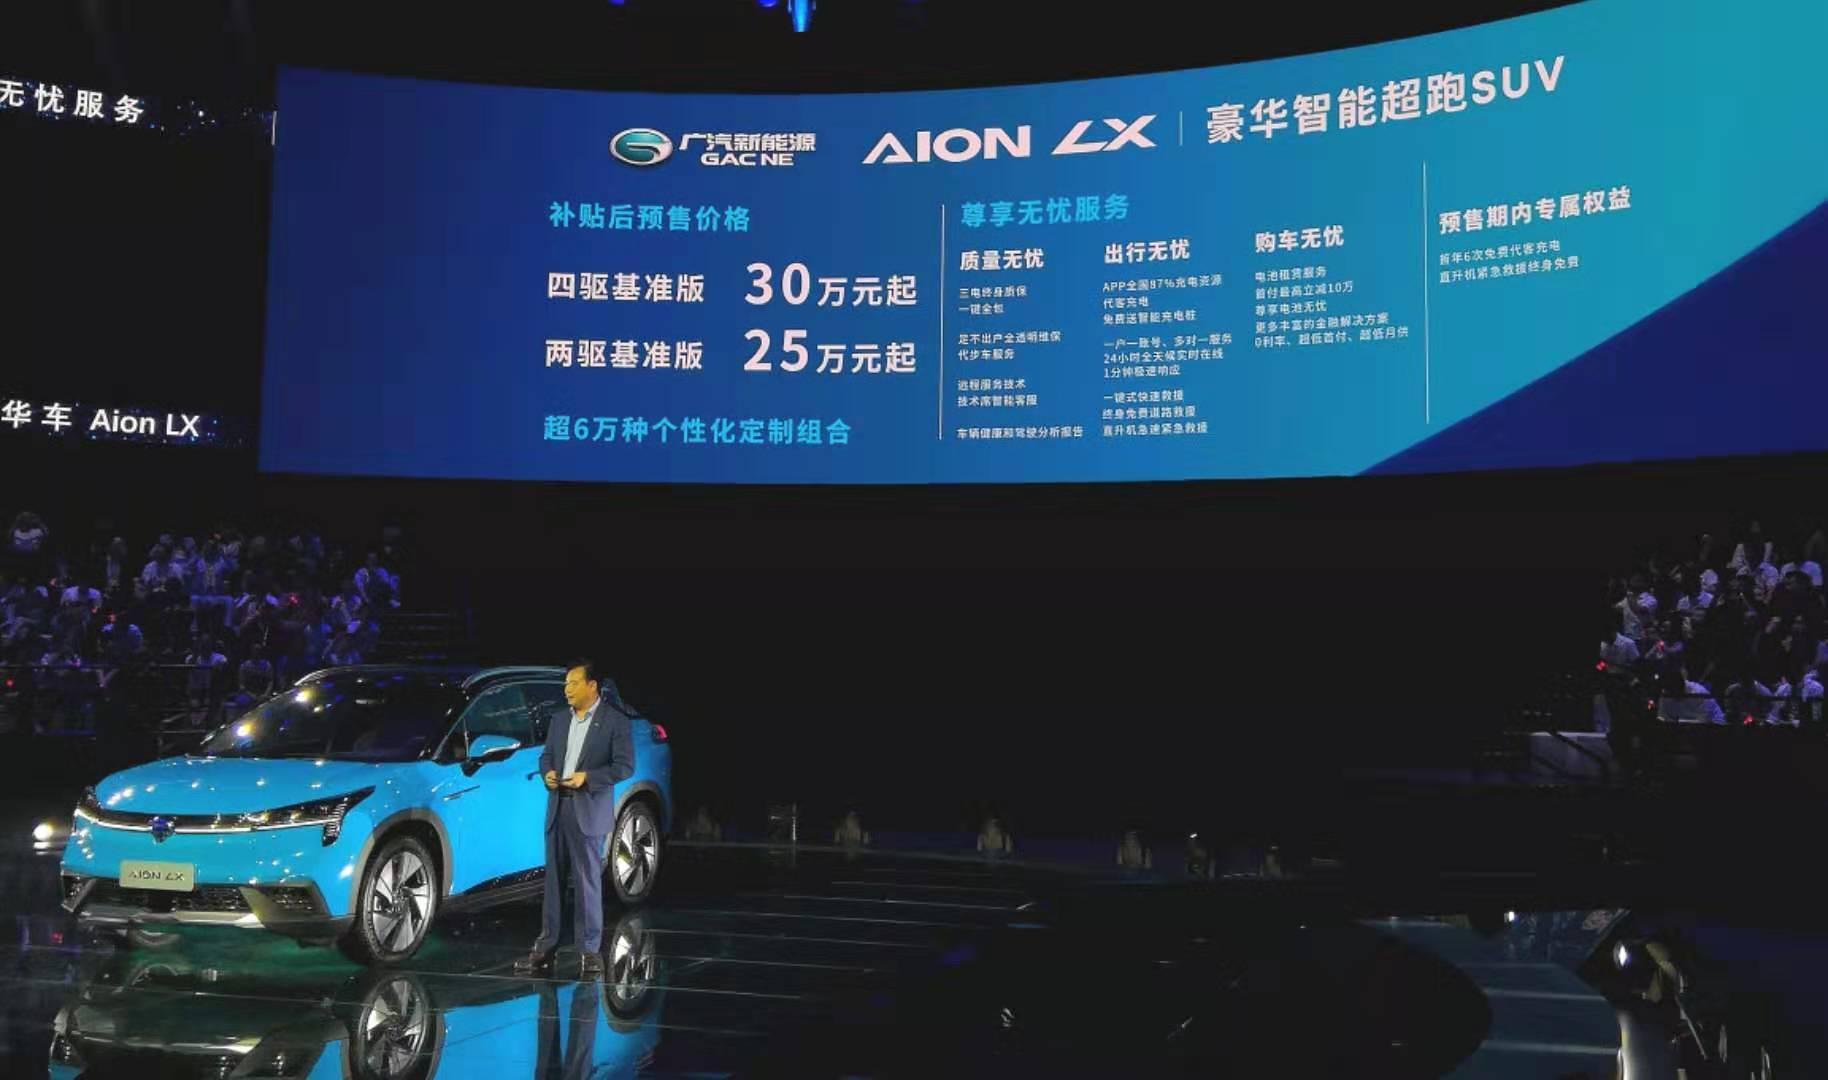 广汽新能源Aion LX预售发布会